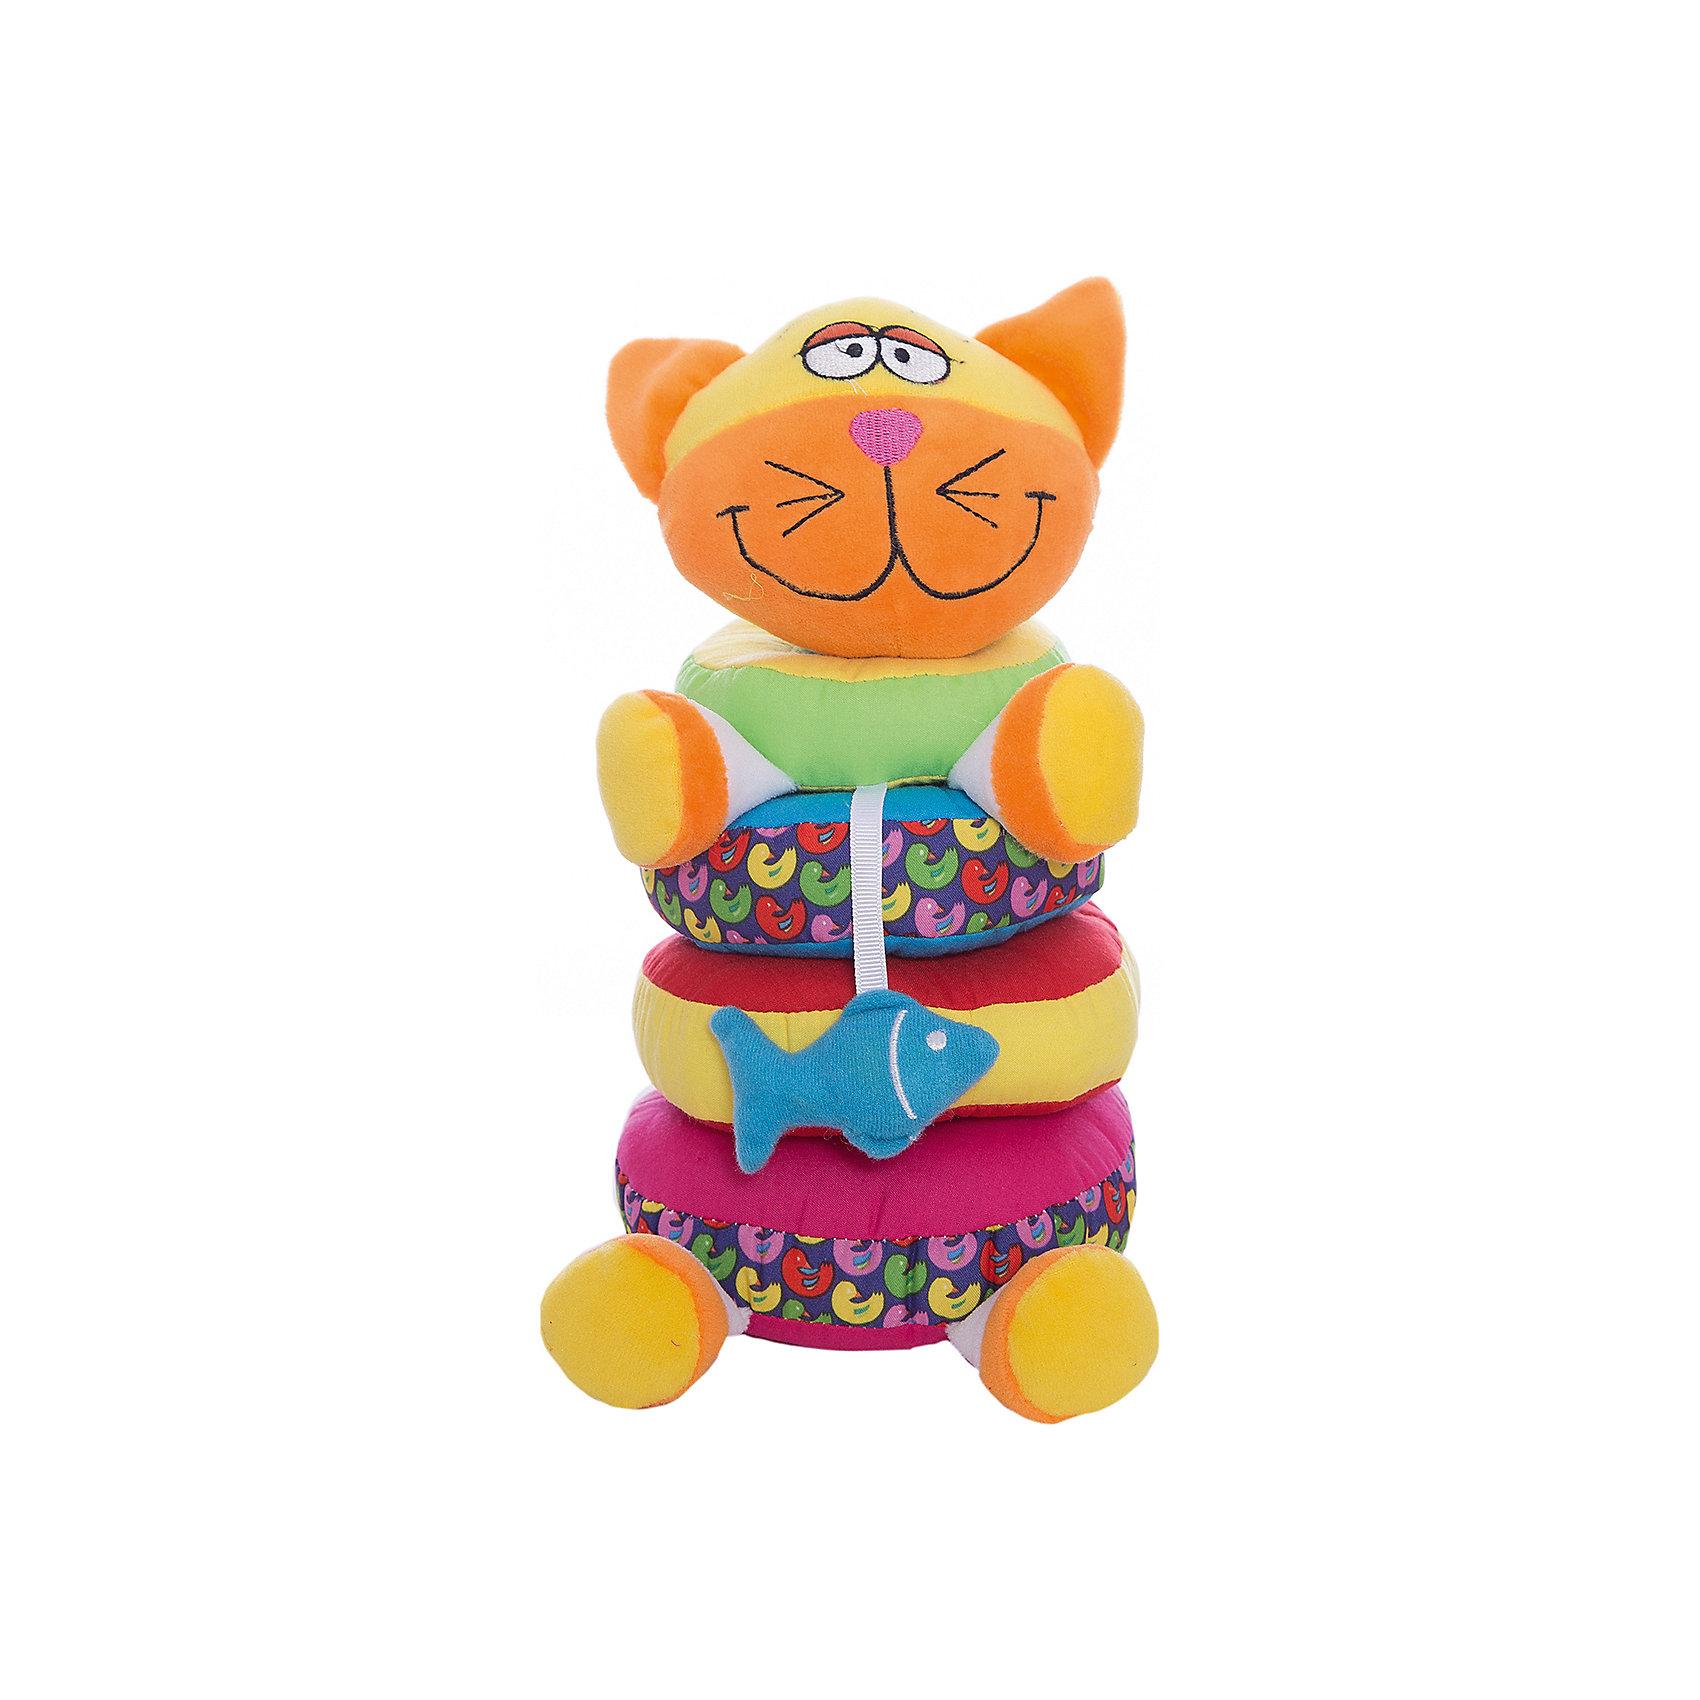 Мягкая пирамидка Кот, 20 см, BondibonПирамидки<br>Этот мягкий кот сразу заинтересует малыша, ведь его можно разбирать на колечки и снова собирать. Разноцветные кольца образуют красивую мягкую пирамидку, с которой можно играть целыми часами. Игрушки из мягкого текстиля, помогают развивать тактильные ощущения, и различать формы предметов.<br><br>Дополнительная информация:<br><br>- Возраст: от 12 месяцев<br>- В комплекте: фигурка котика, четыре кольца<br>- Материал: плюш, текстиль.<br>- Размер упаковки: 15х13х21 см<br>- Вес: 0.22 кг<br><br>Мягкую пирамидку Кот, 20 см, Bondibon можно купить в нашем интернет-магазине.<br><br>Ширина мм: 150<br>Глубина мм: 130<br>Высота мм: 210<br>Вес г: 225<br>Возраст от месяцев: 3<br>Возраст до месяцев: 18<br>Пол: Унисекс<br>Возраст: Детский<br>SKU: 4864526